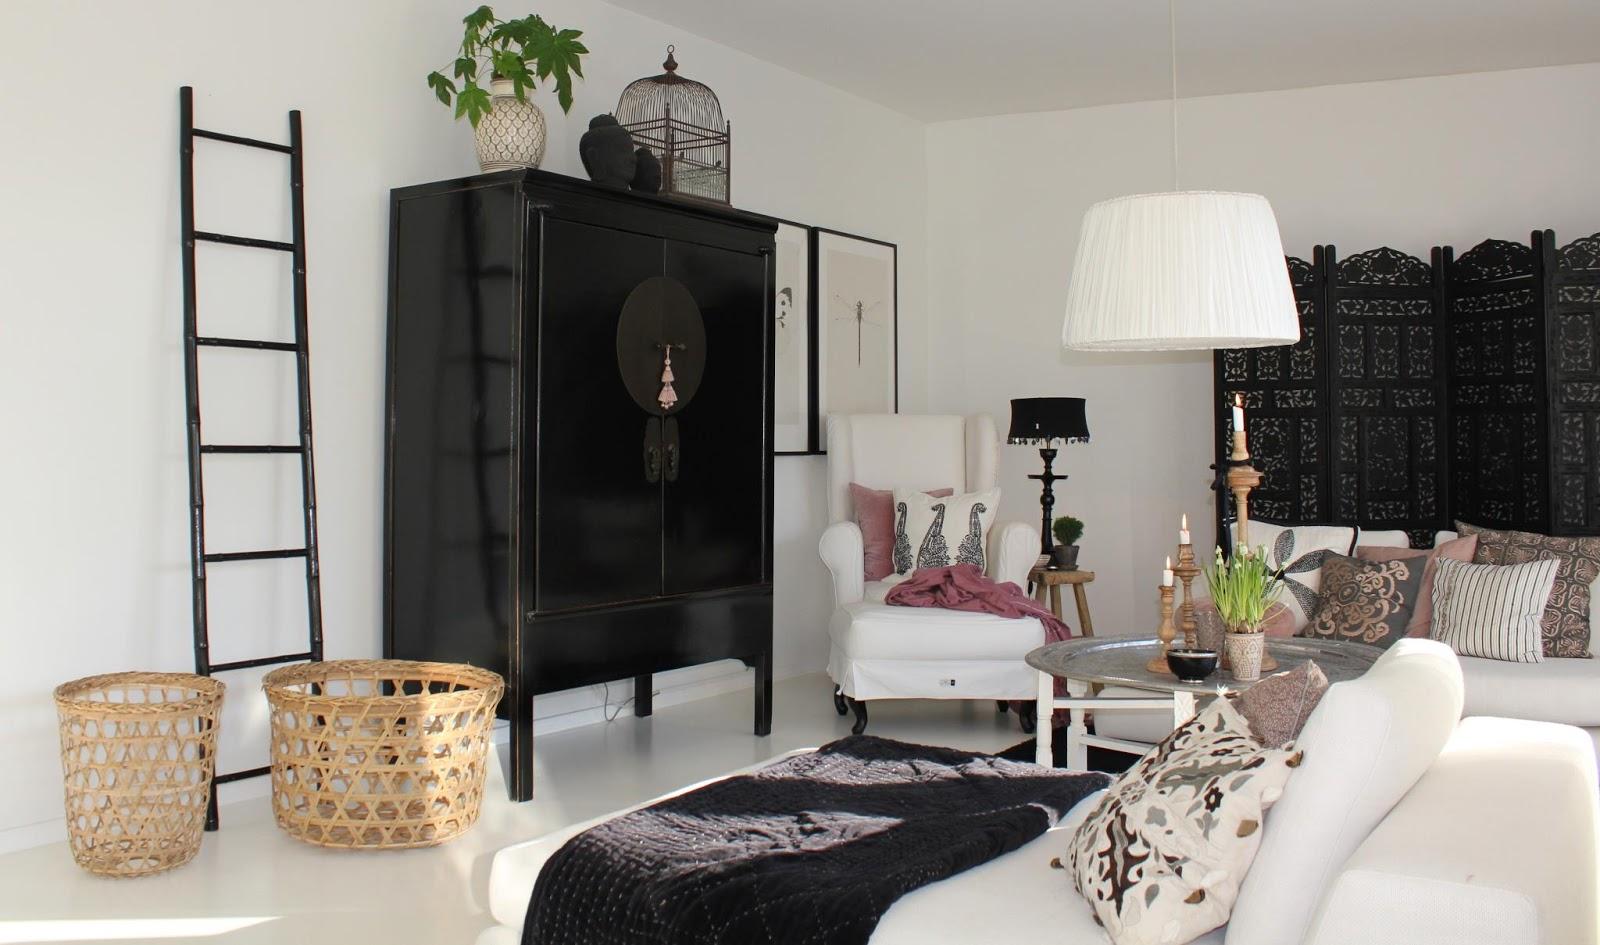 home nord tine k lampsk rm med prismor. Black Bedroom Furniture Sets. Home Design Ideas